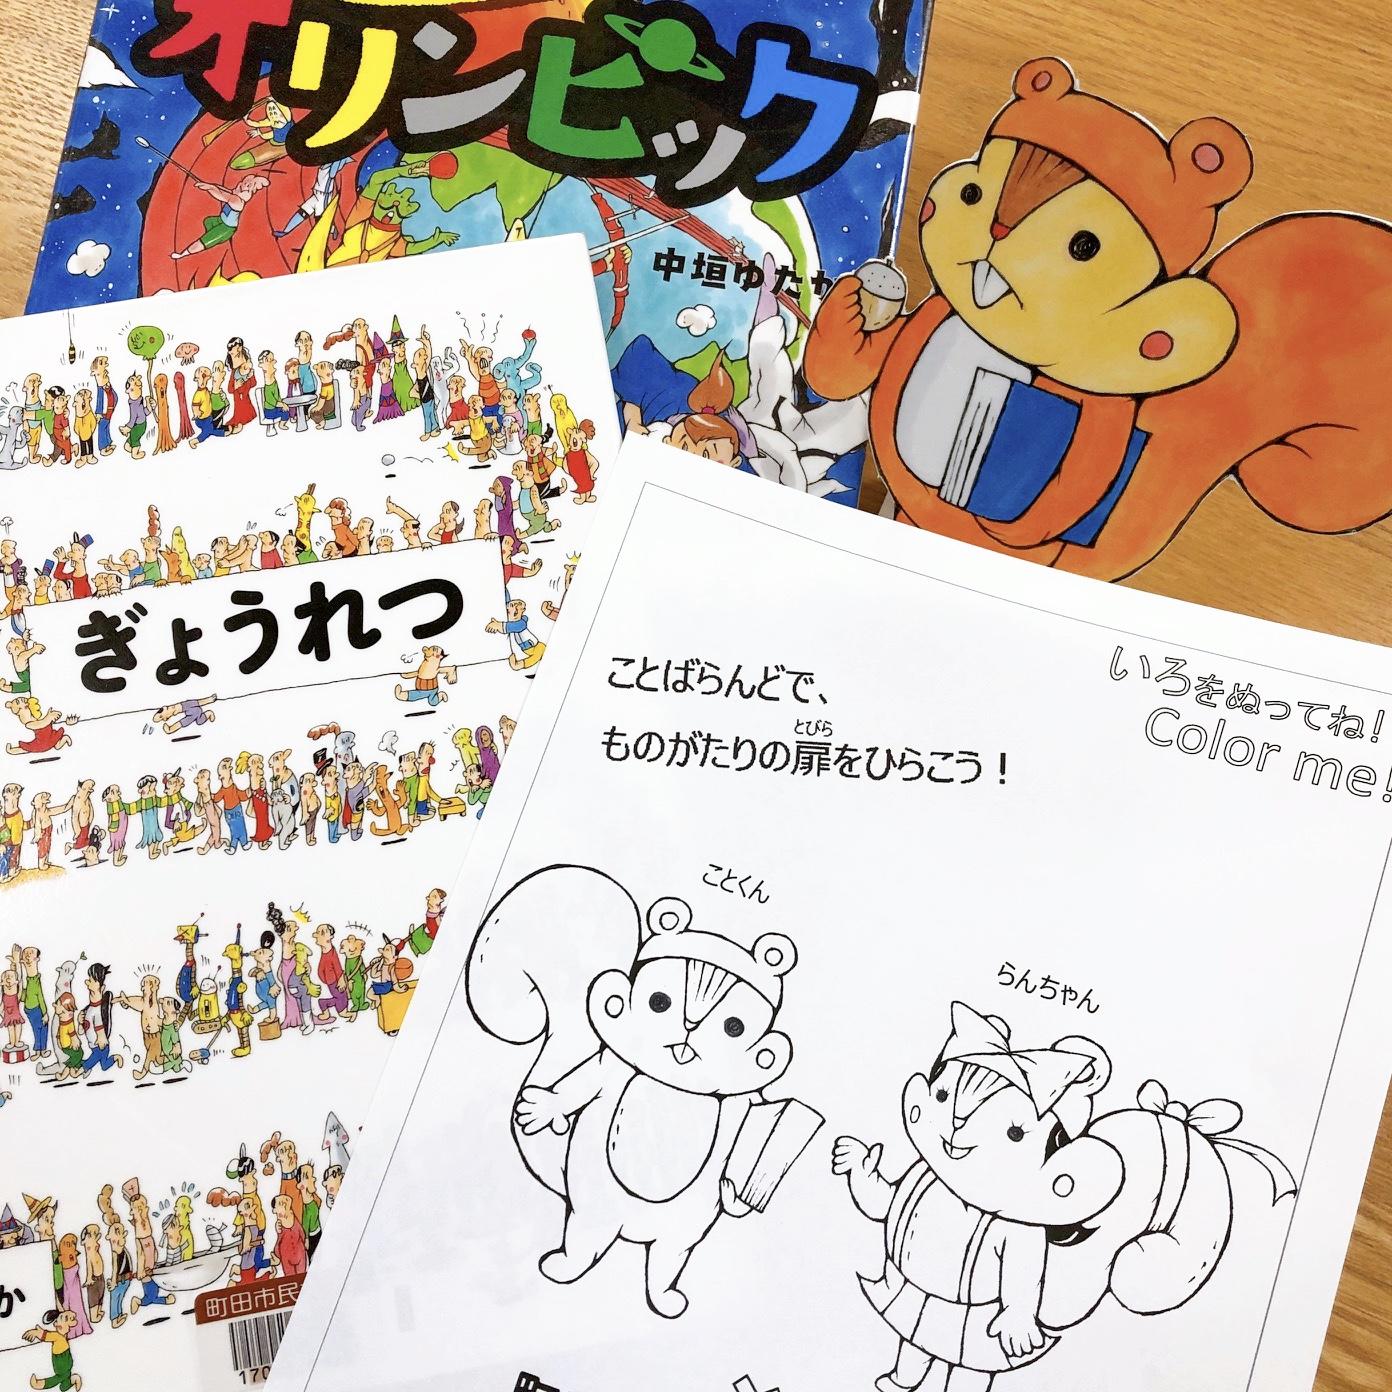 町田文化プログラム発、<br /> 「おうちで文プロ!」開催中